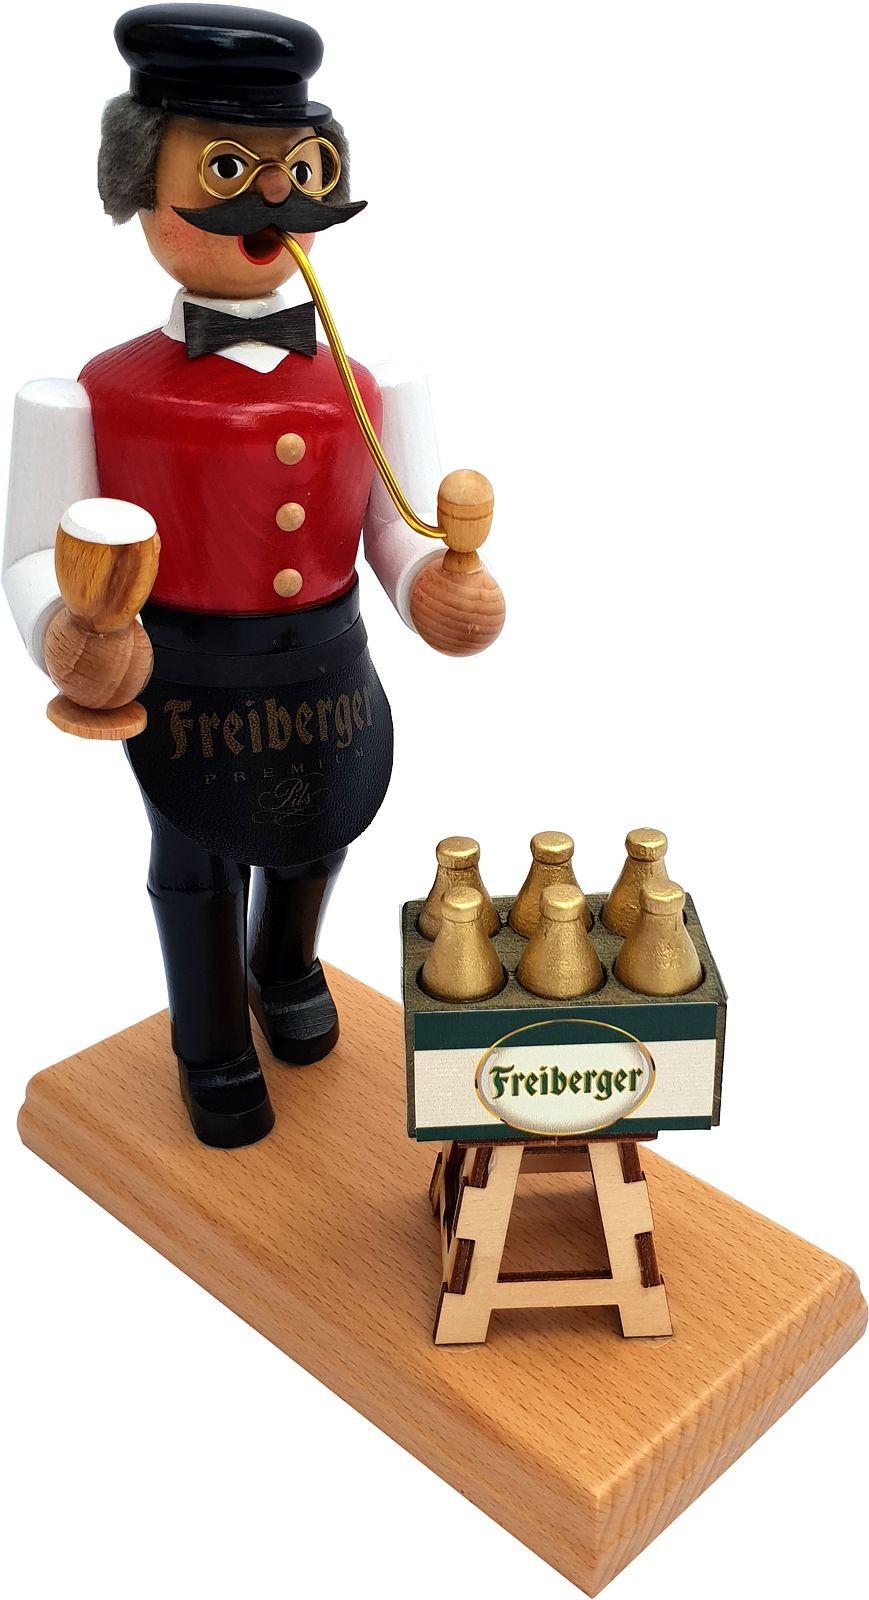 Räuchermann Gastwirt mit Bierkasten - Freiberger, rote Weste